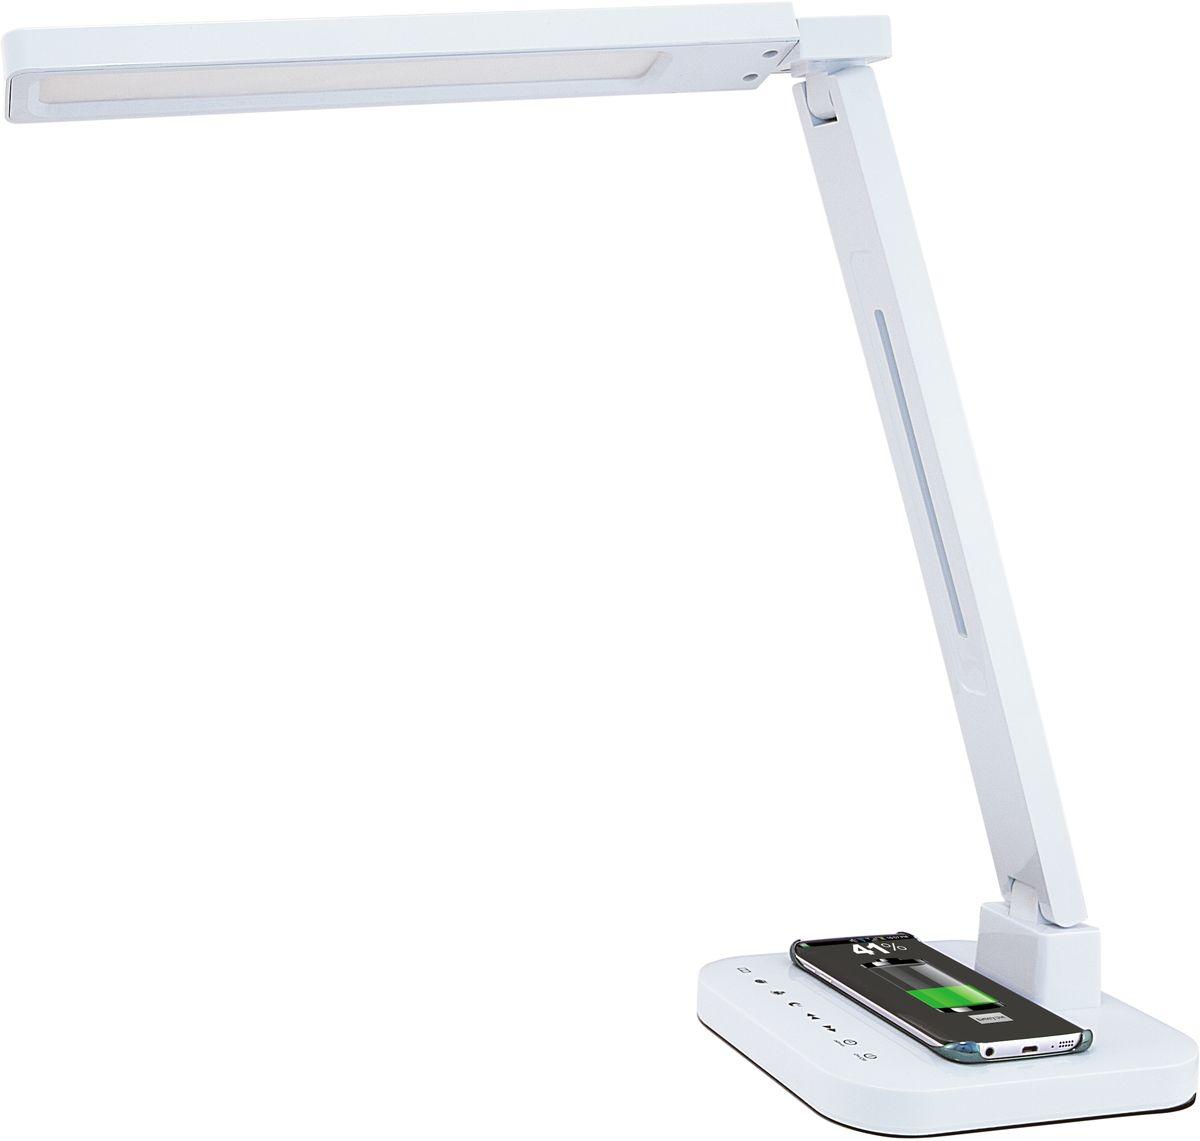 Лампа настольная Лючия Smart Qi, светодиодная, цвет: белый, 15W. L9004606400105459Настольный светильник. Предназначен для местного освещения внутри помещений. Напряжение сети 230 В, частота 50 Гц. Цветопередача Ra > 90. Источник света: SMD светодиоды, 48 шт. – Беспроводная зарядка Qi. – USB-разъем для подзарядки 5 В 2 А. – Cенсорное управление. – 4 режима. Цветовая температура света в диапазоне от 2700 до 6600 К. – Дискретное изменение яркости свечения (5 уровней). – Запоминание выбранного уровня яркости в каждом режиме. Кнопка: режим чтение Кнопка: режим учеба Кнопка: режим релаксация Кнопка: режим сон Кнопка: уменьшение яркости Кнопка: увеличение яркости Кнопка: таймер на 60 мин Кнопка: включение/ выключение Разъем для адаптера для сети 230 В